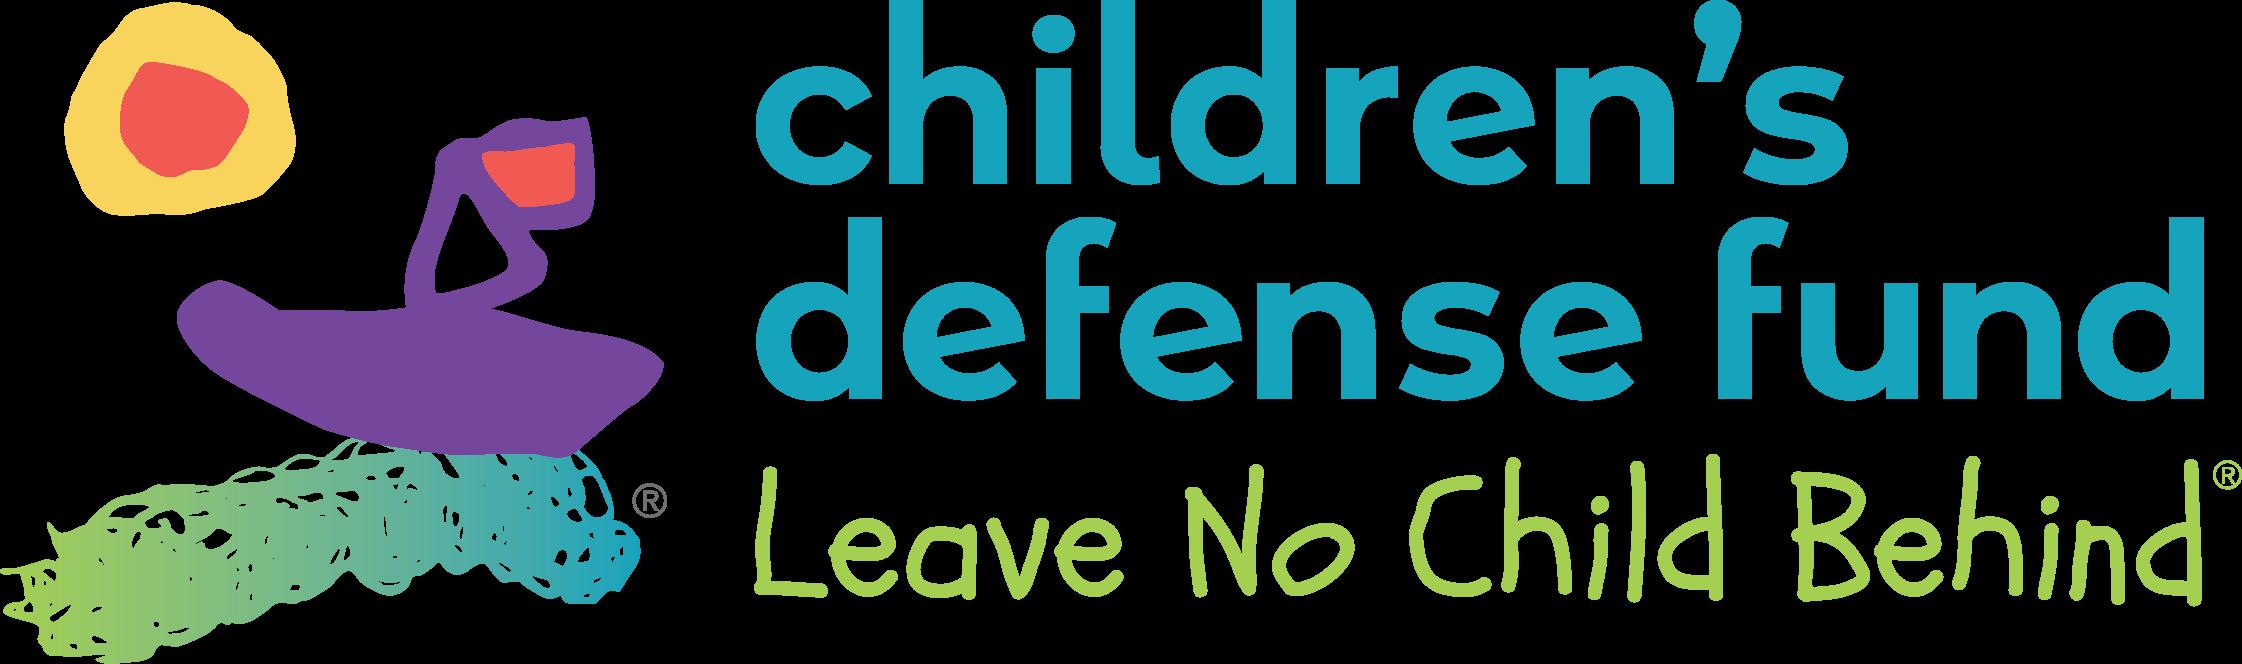 Children's Defense Fund Logo